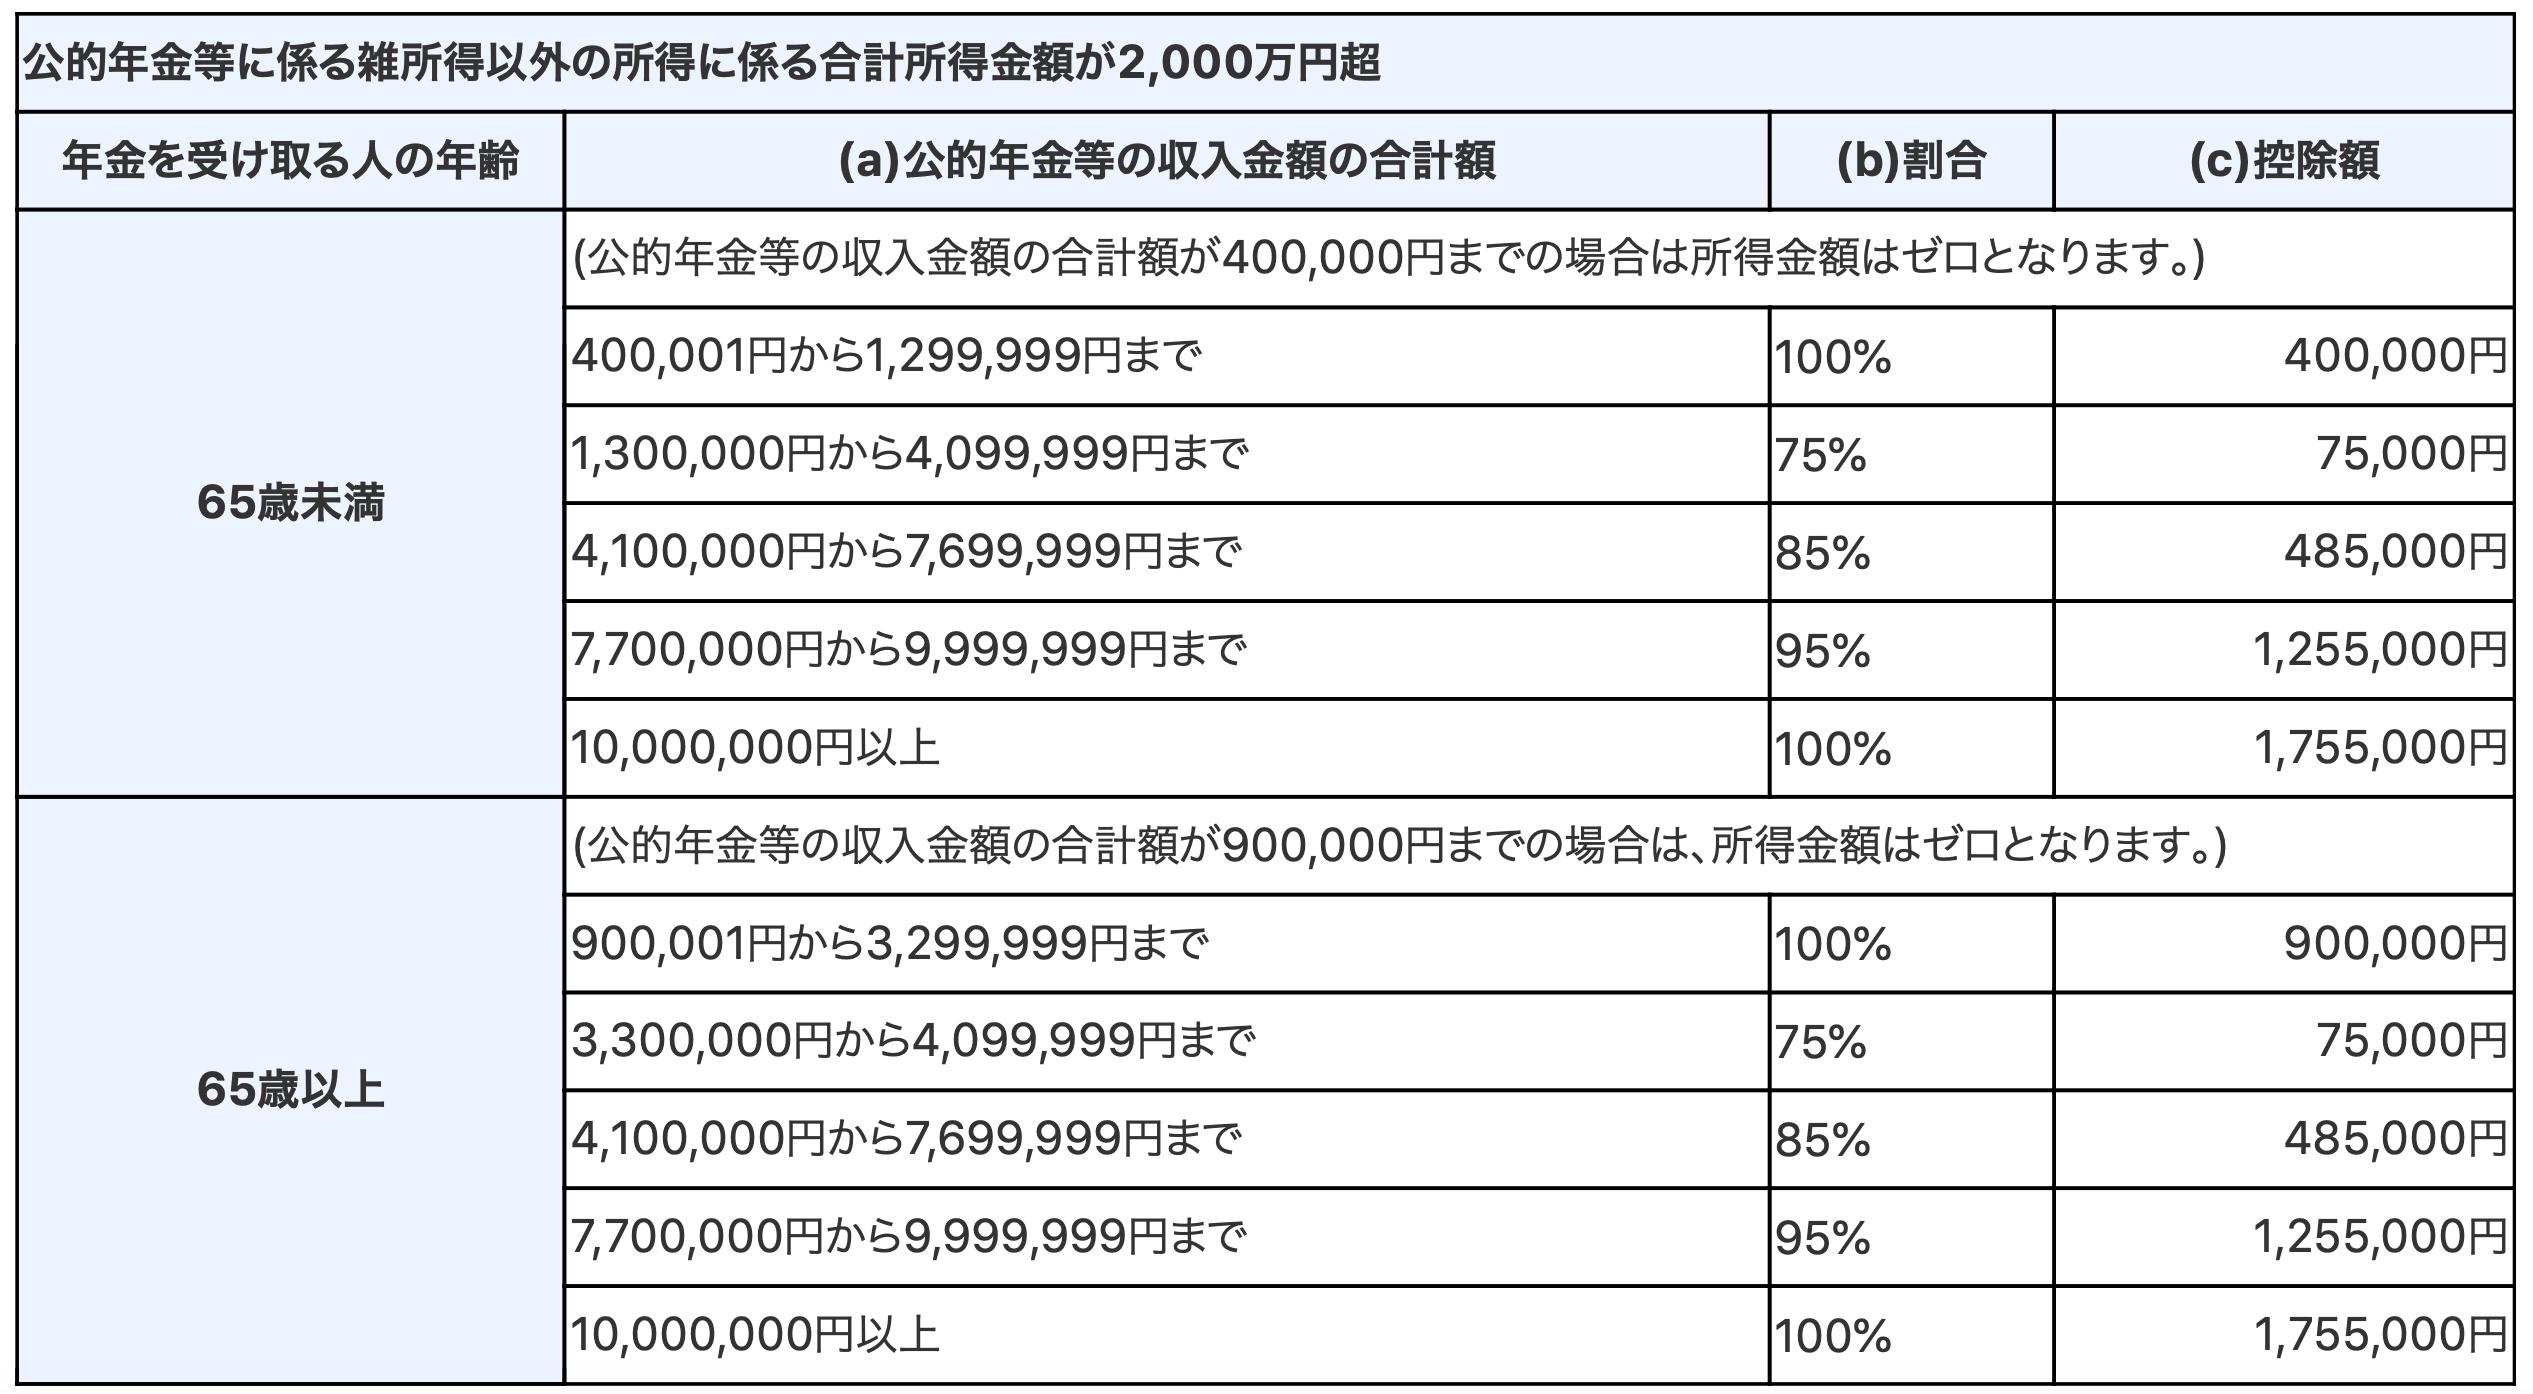 公的年金等の雑所得 控除表 令和2年以降3